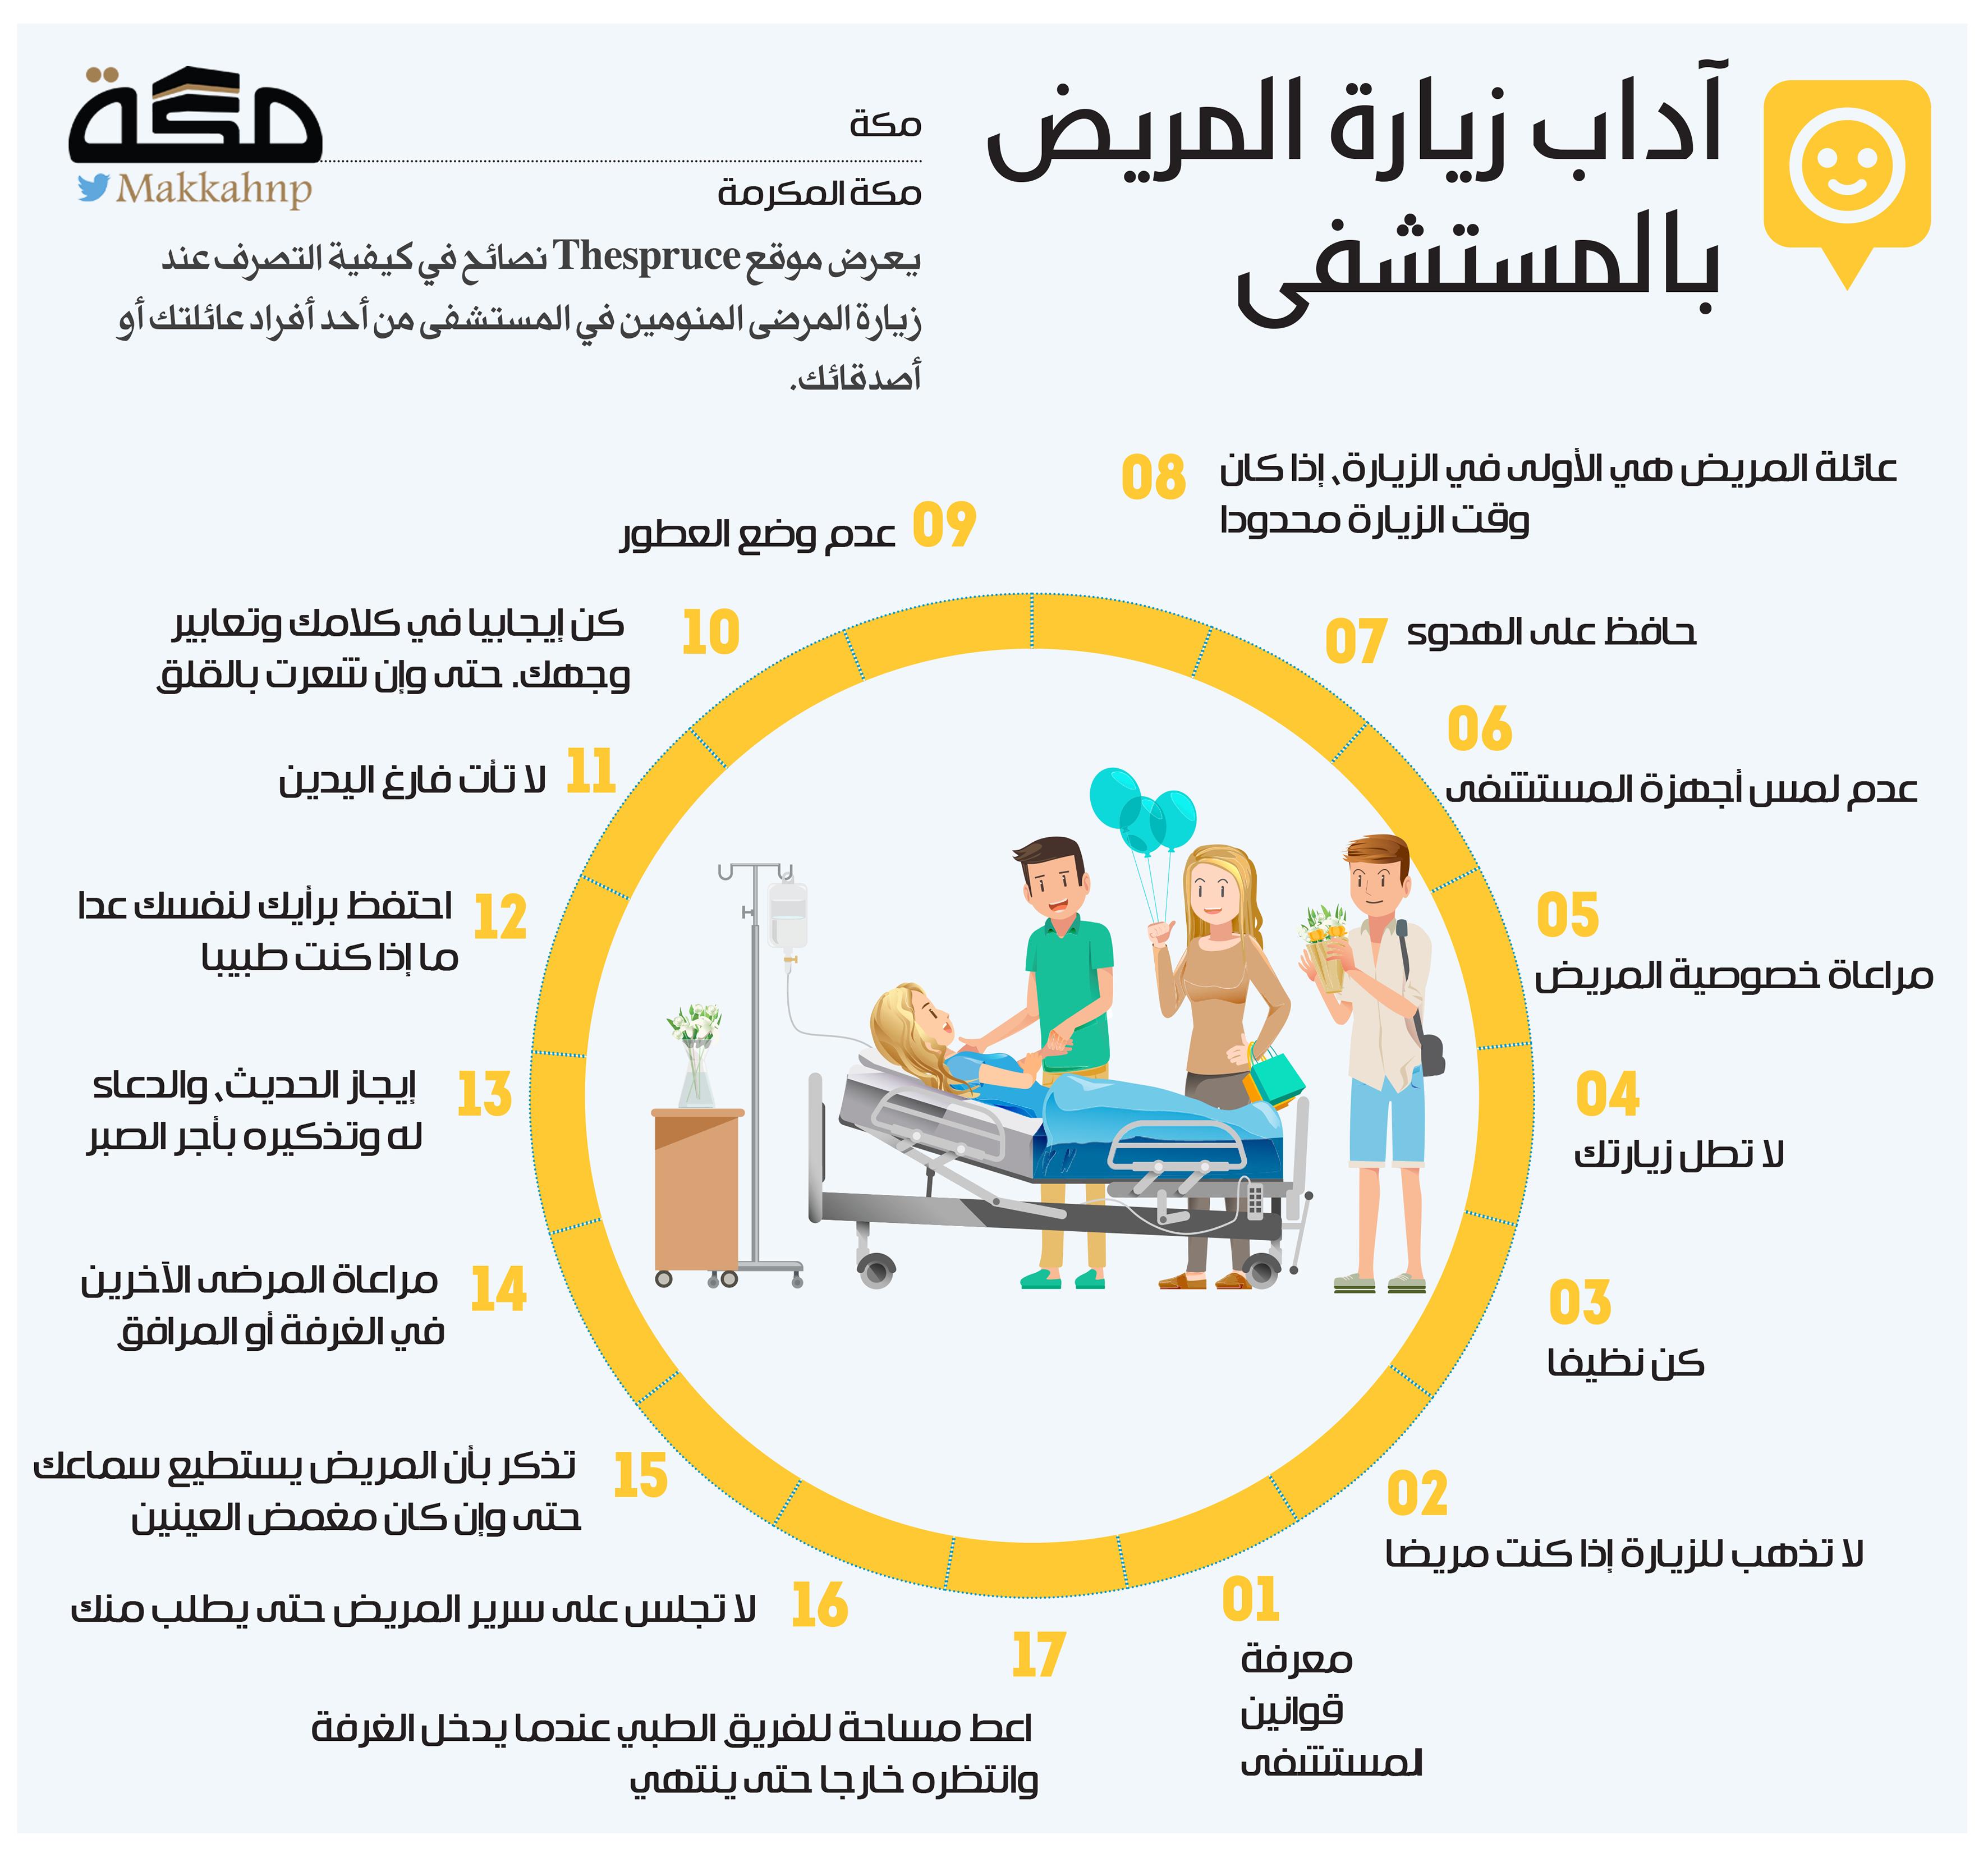 إنفوجرافيك آداب زيارة المريض بالمستشفى إنفوجرافيك Infographic Graphic جراف المستشفيات صحيفة مكة Infographic Map Design